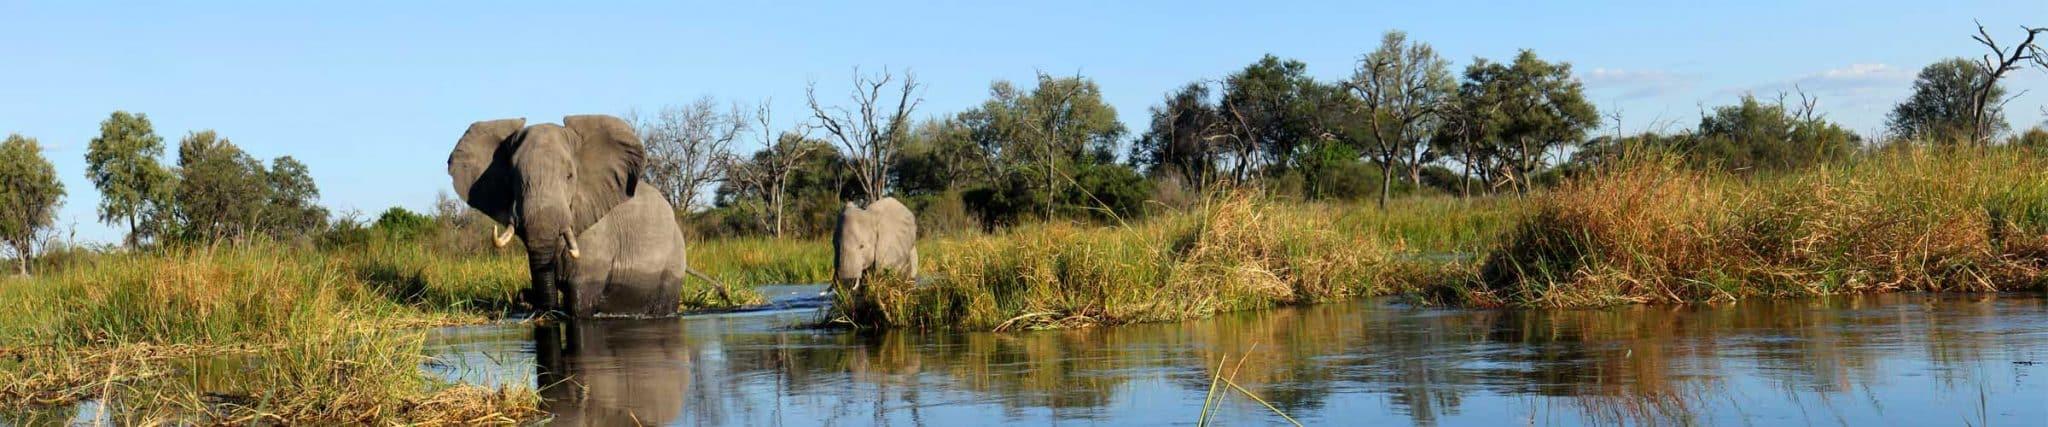 botswana elephant moremi